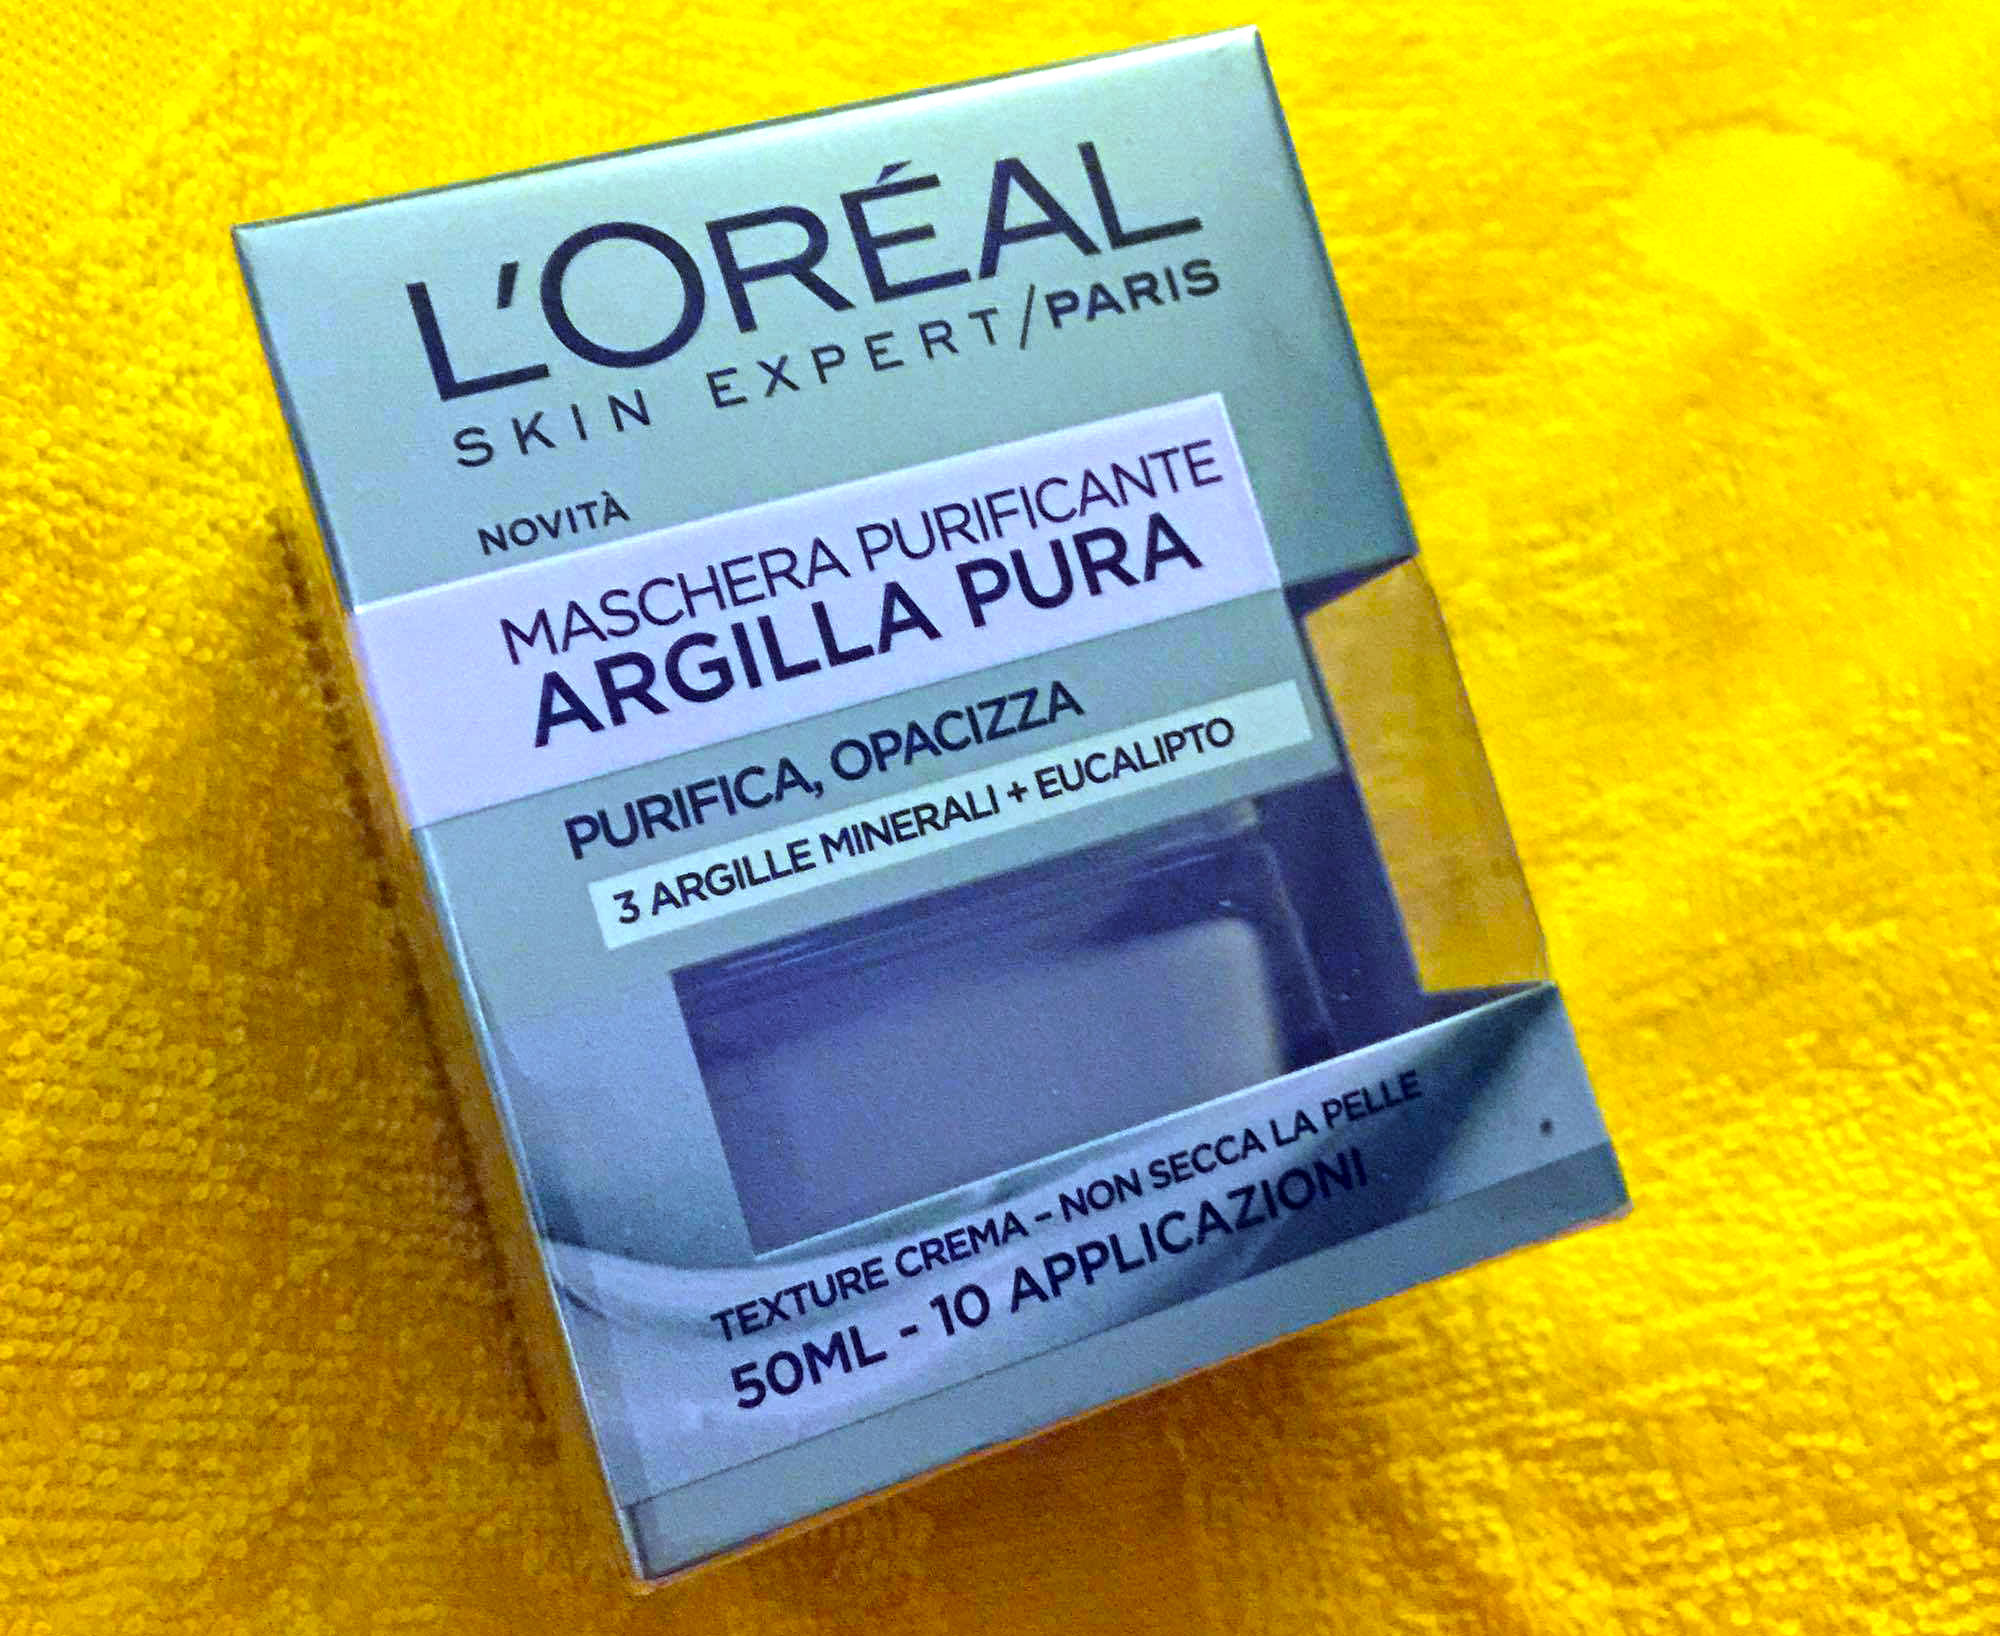 maschera_purificante_argilla_loreal_paris_